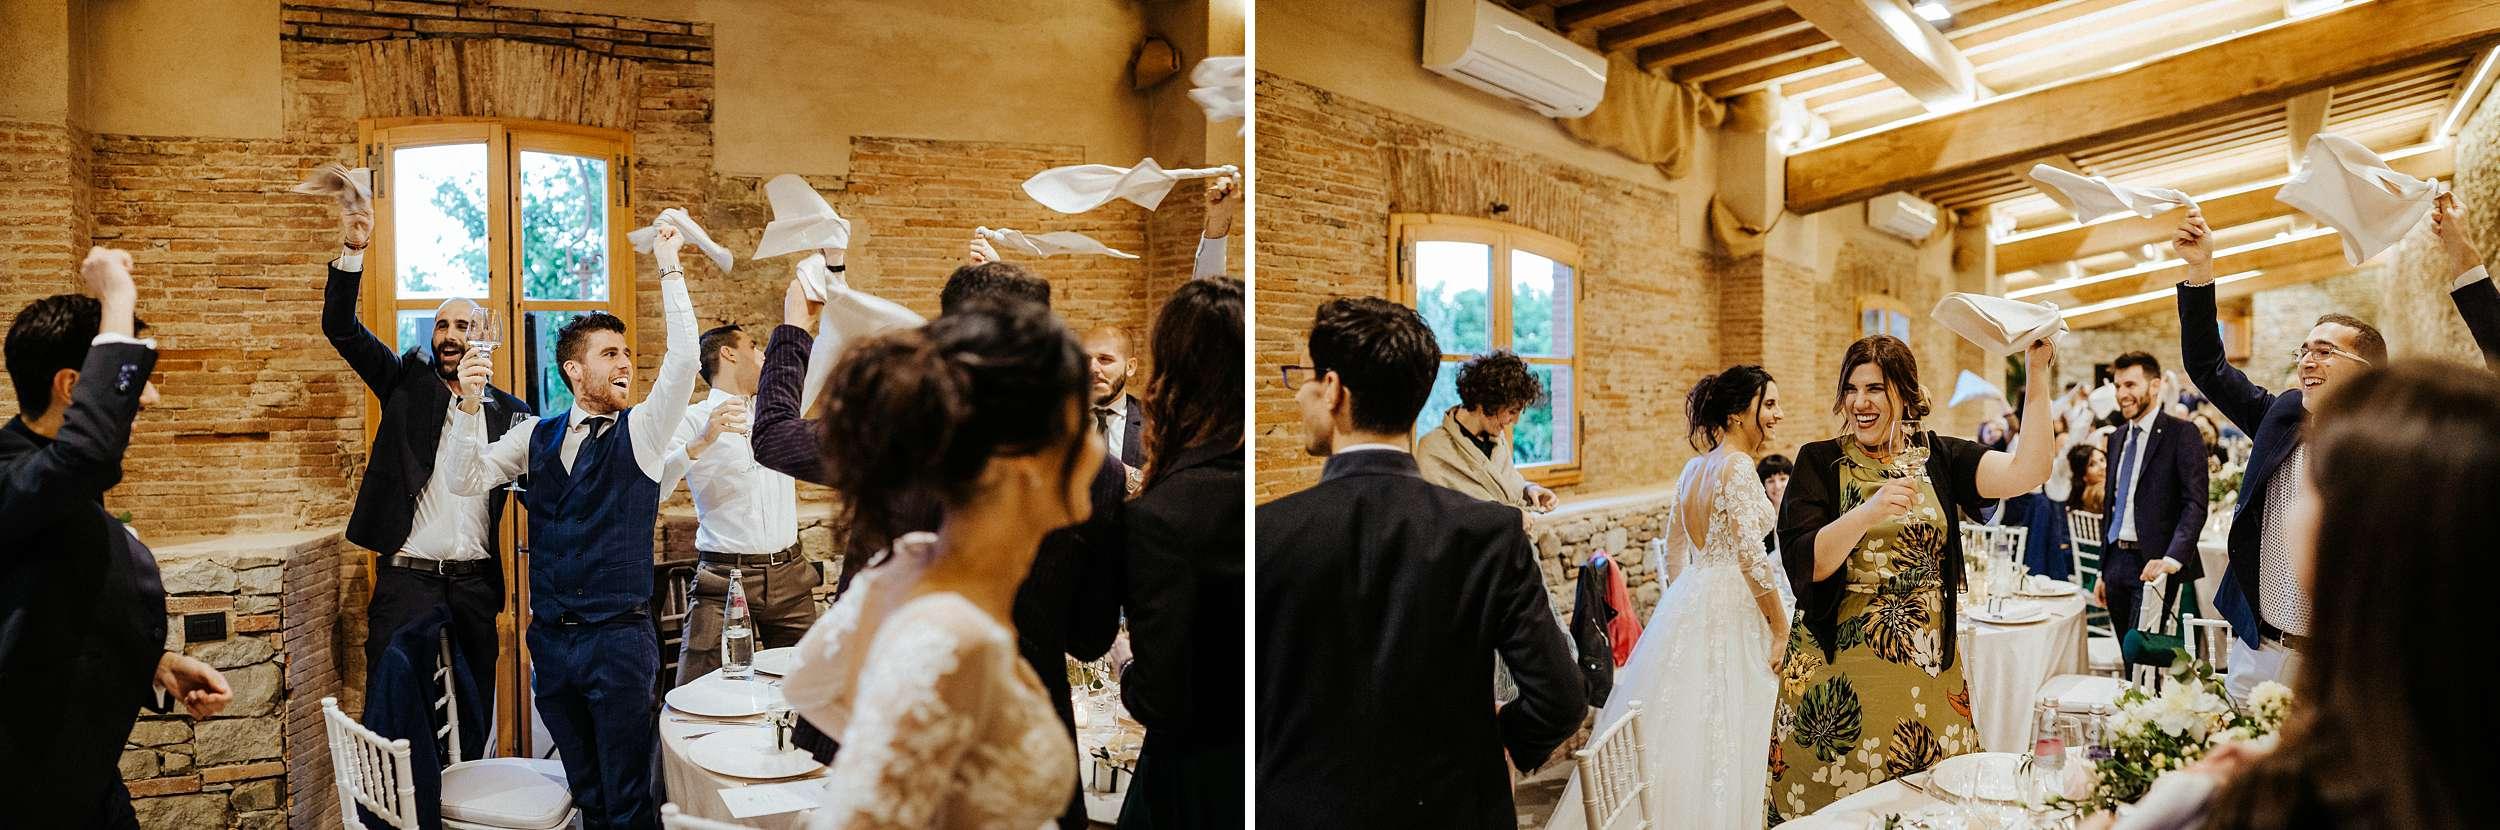 matrimonio rustico a lucca, palazzo bove